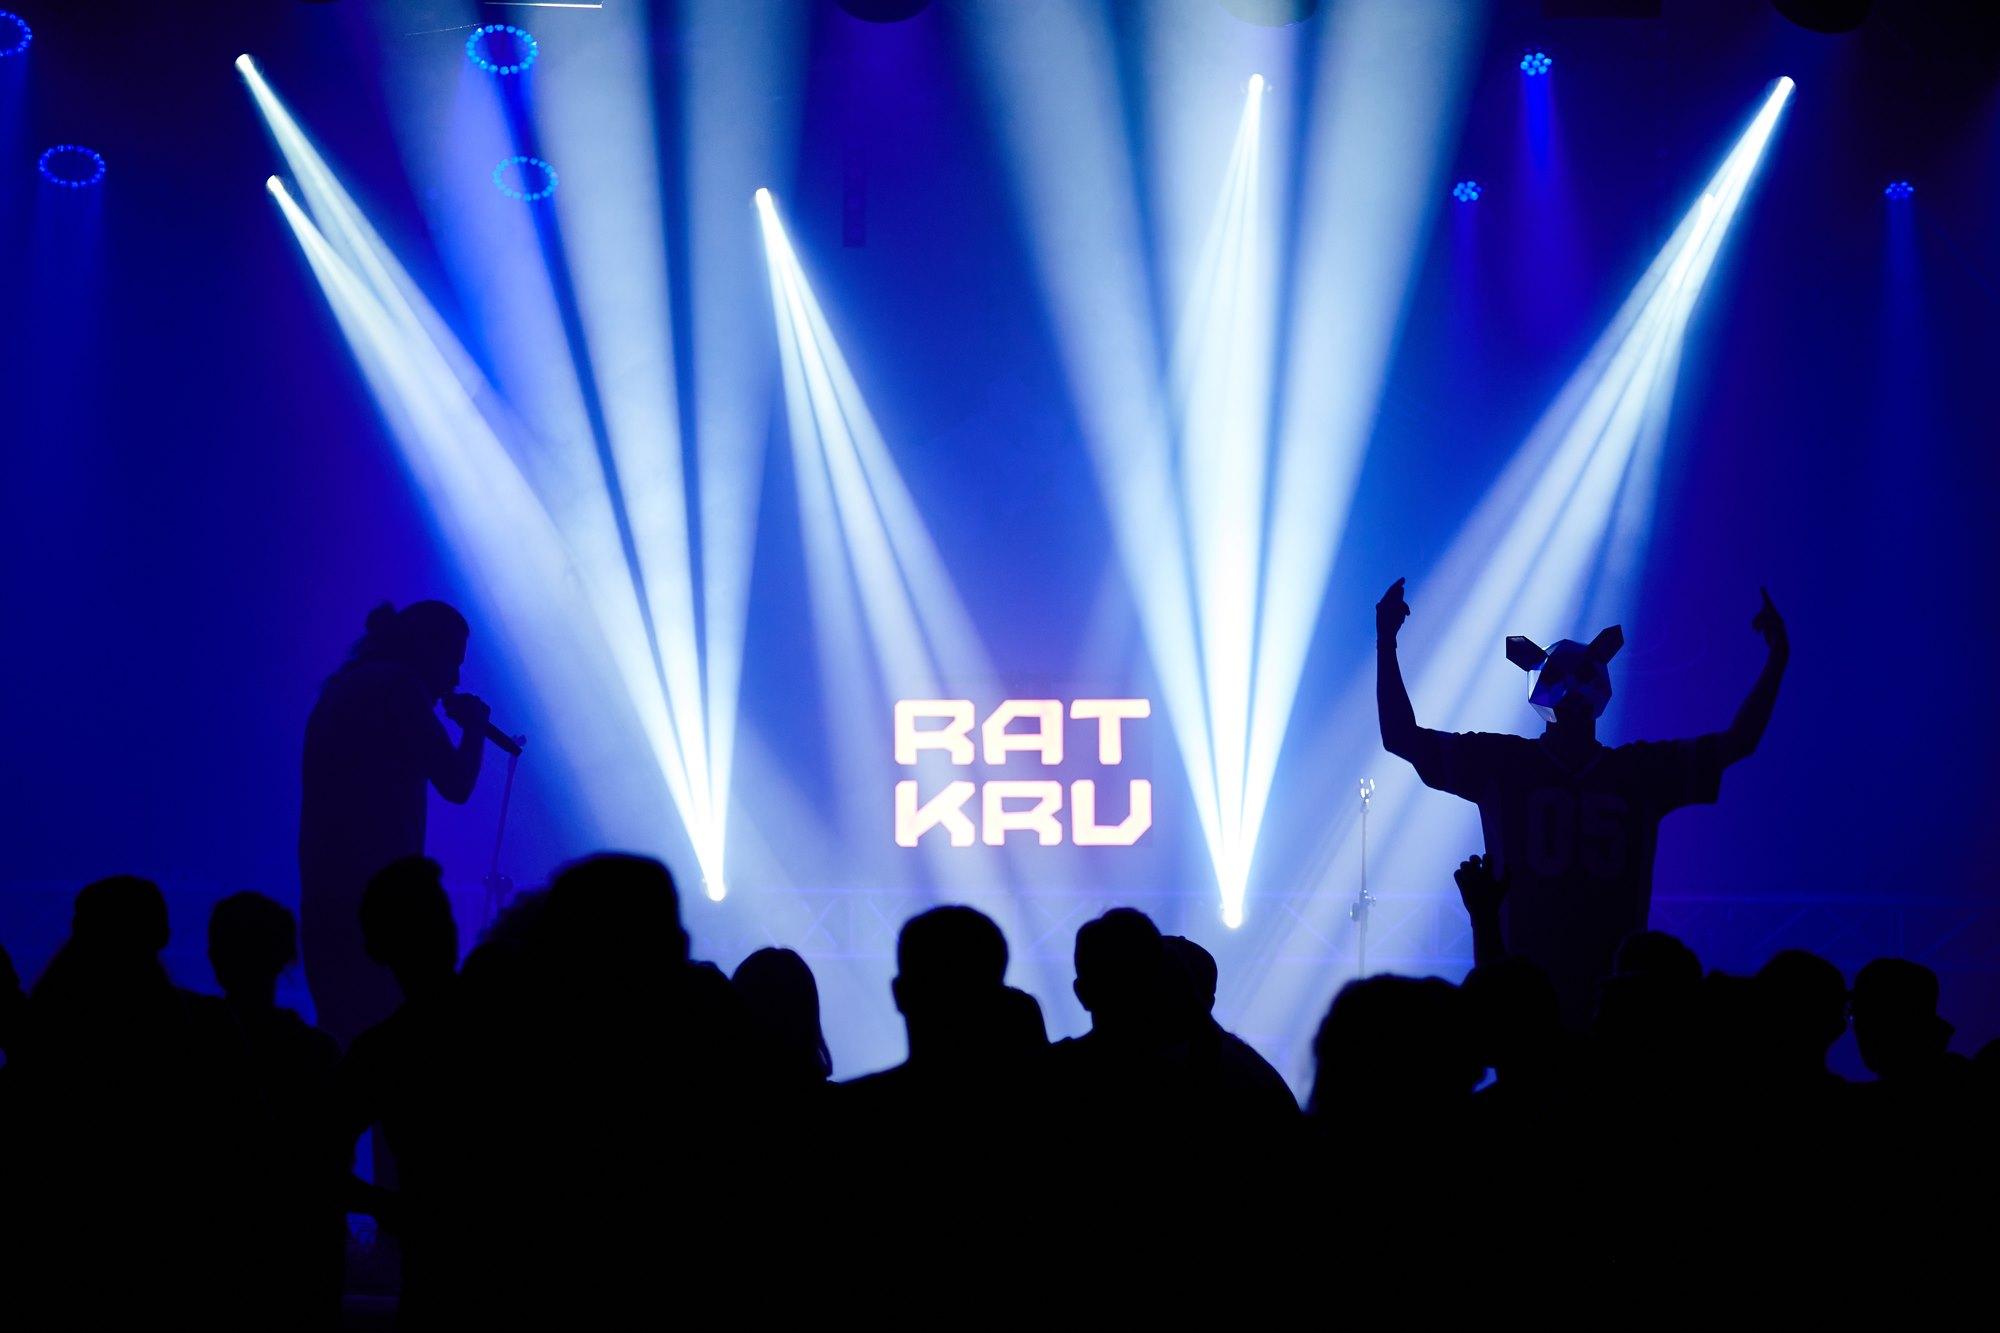 [Zdjęcie z koncertu przedstawia scenę z wyświetlonym na środku napisem nazwy zespołu - Rat Kru. Po obydwu stronach napisu duet Rat Kru - dwóch mężczyzn, jeden w masce szczura. Na drugim planie sylwetki osób na widowni.]